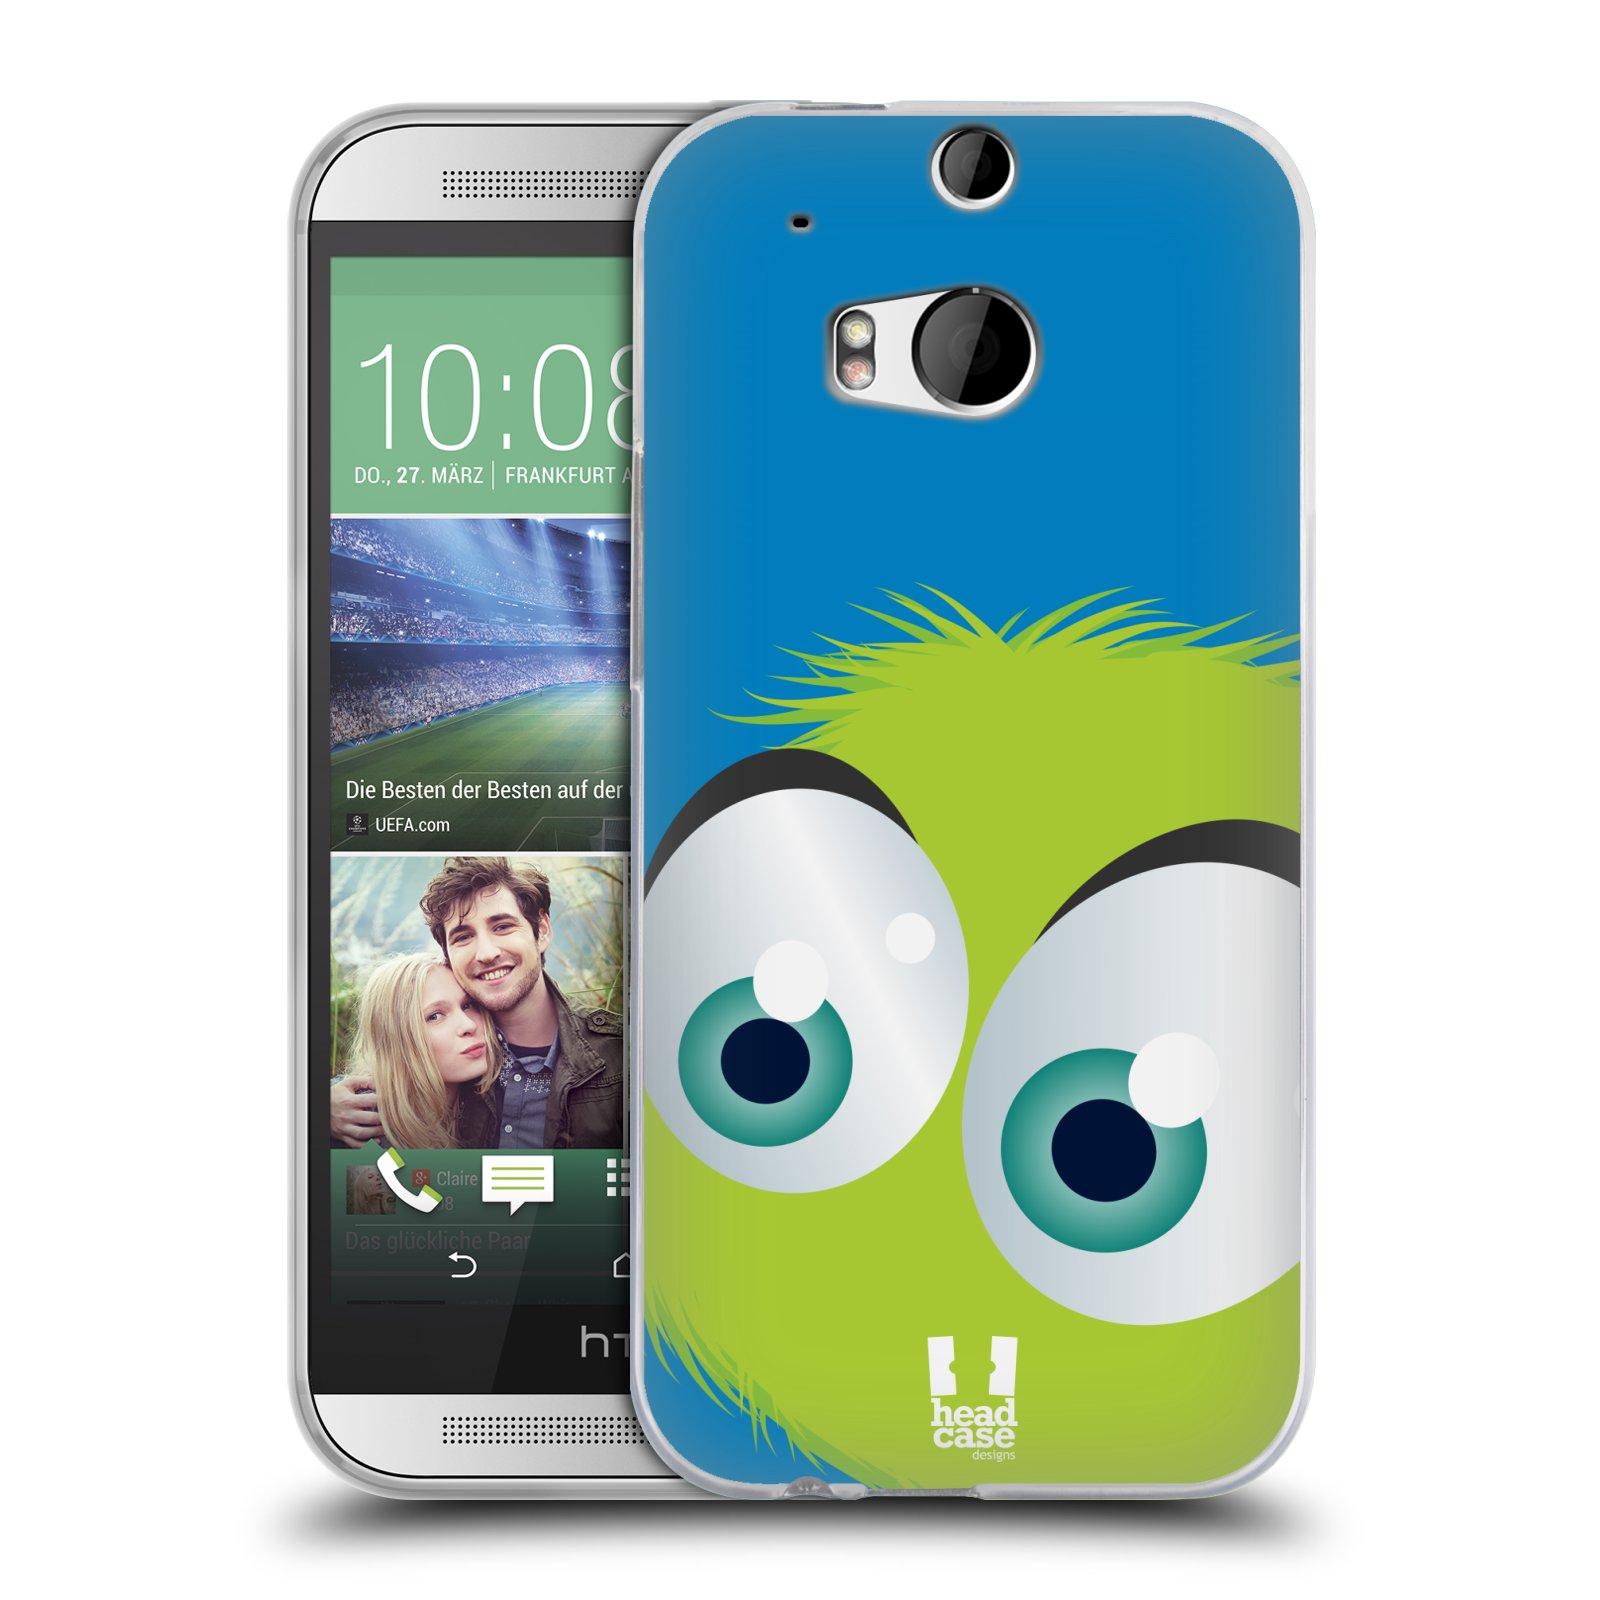 HEAD CASE silikonový obal na mobil HTC ONE (M8) vzor Barevný chlupatý smajlík ZELENÁ modré pozadí